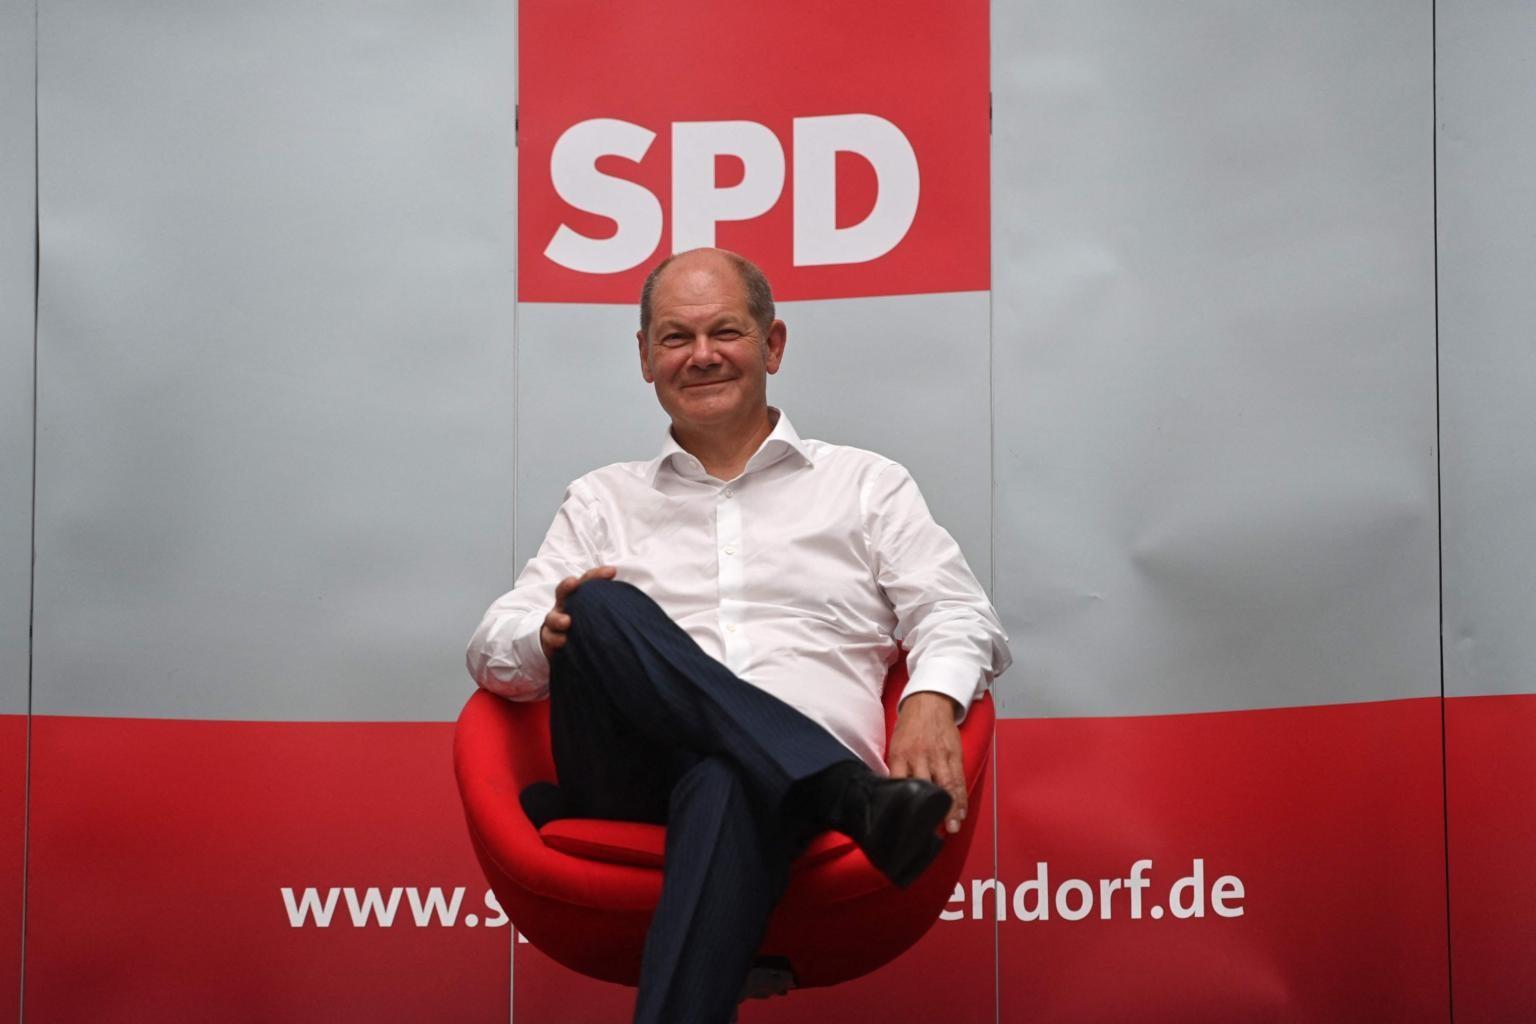 Kết quả bầu cử Đức: Lần đầu tiên sau nhiều năm, SPD trở lại, 'đả bại' liên minh cầm quyền. (Nguồn: AFP)